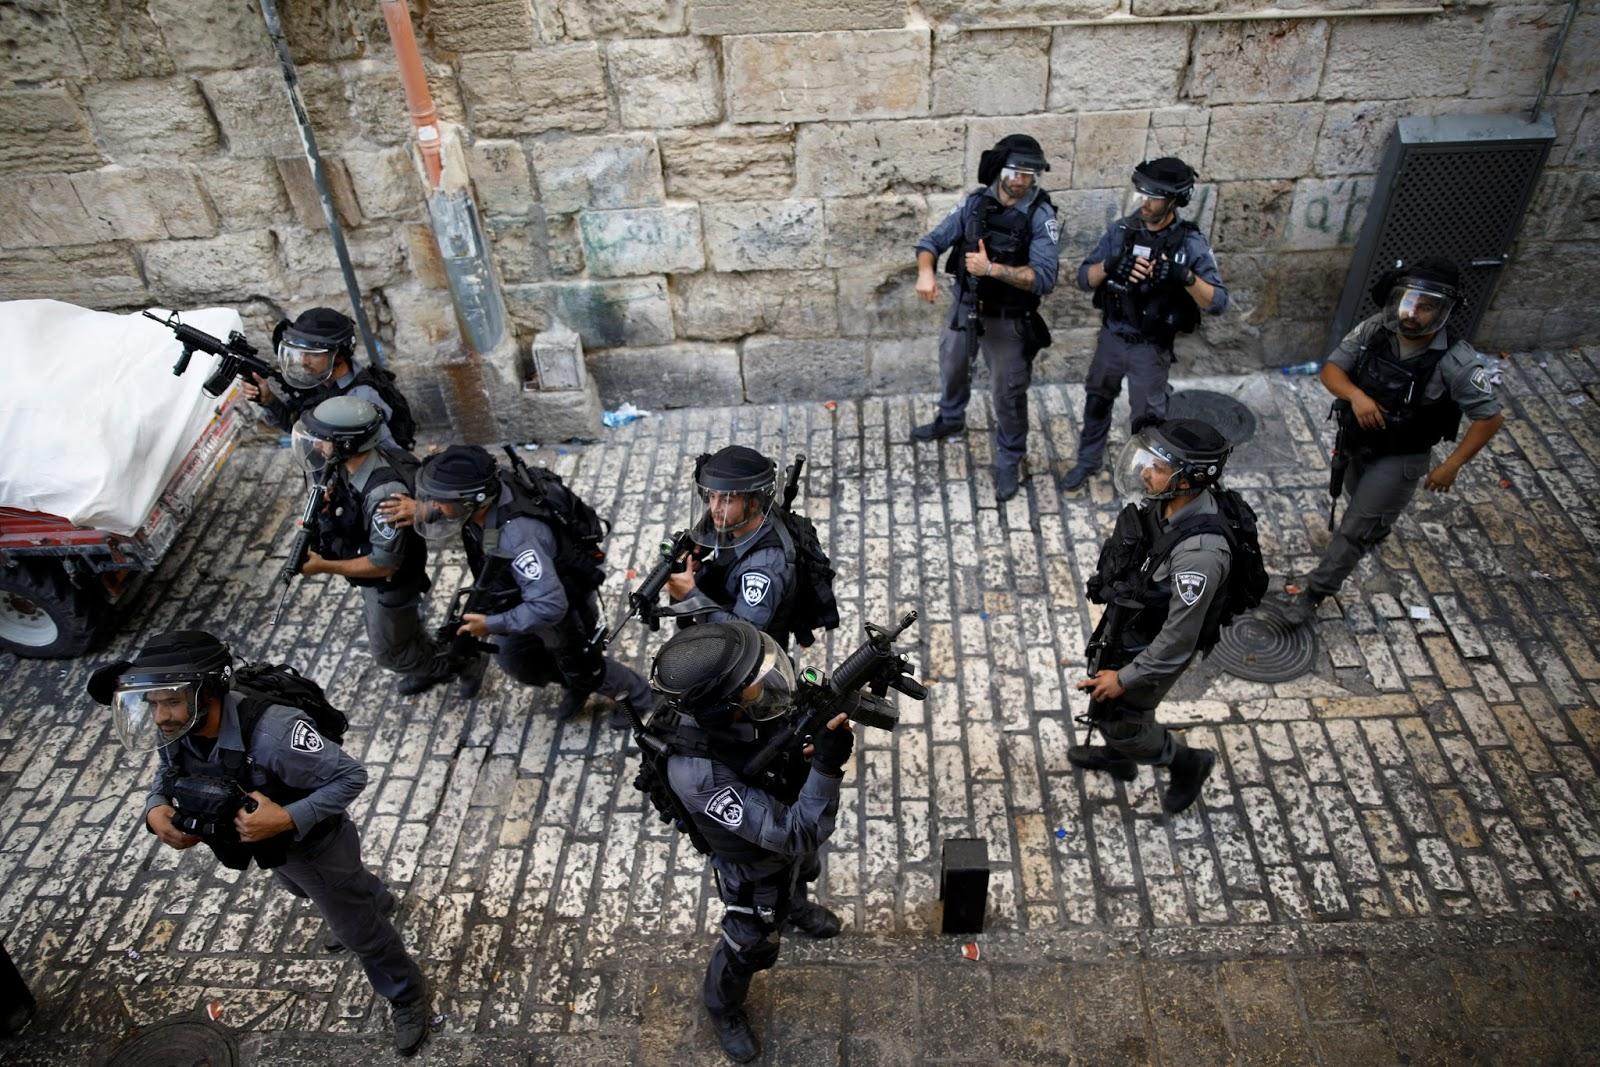 أخبار فلسطين اليوم الخميس 27/7/2017